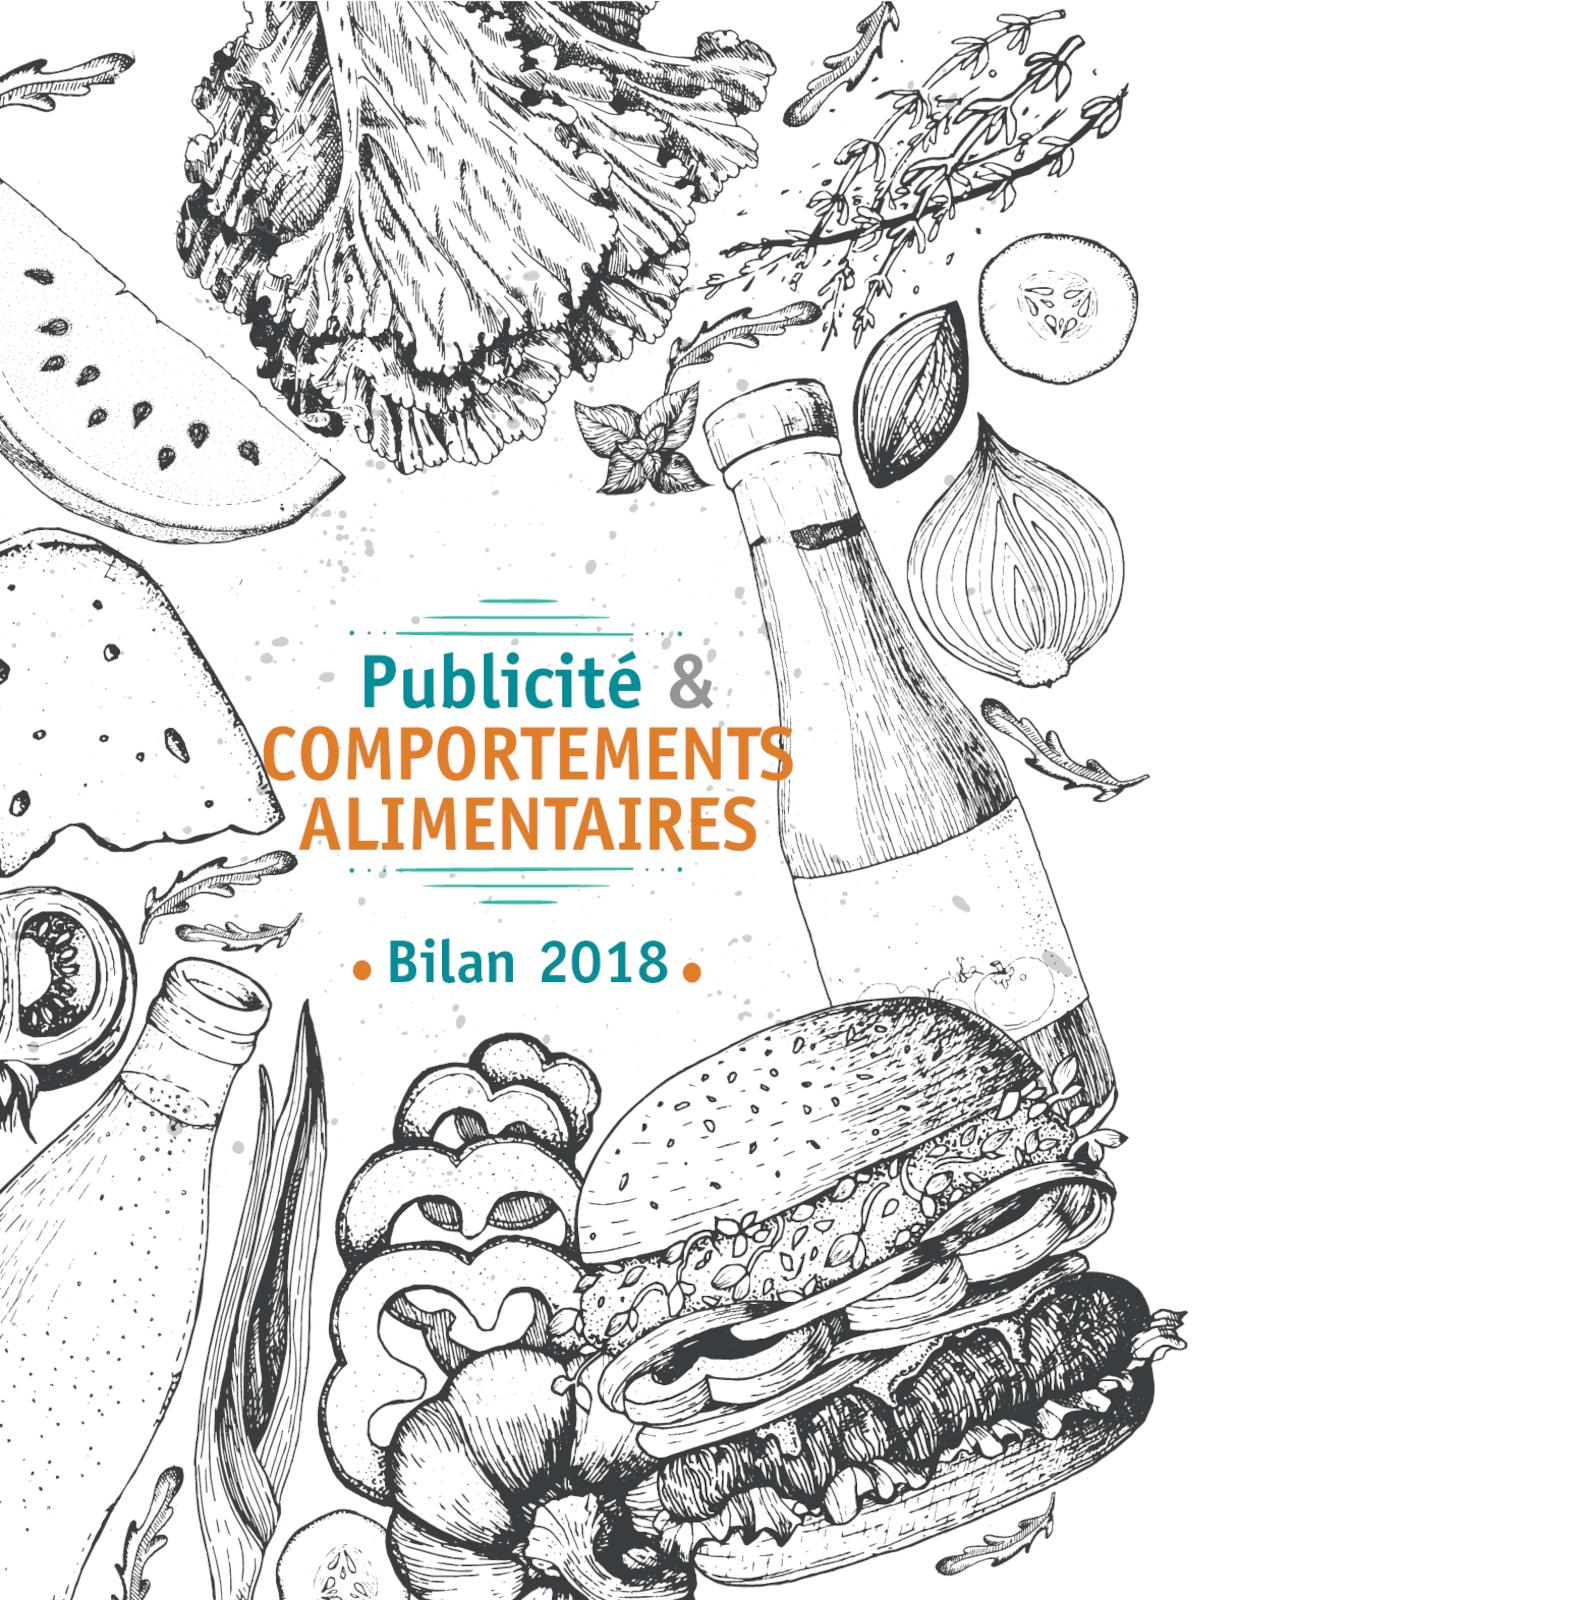 Bilan Publicité et Comportements Alimentaires 2018